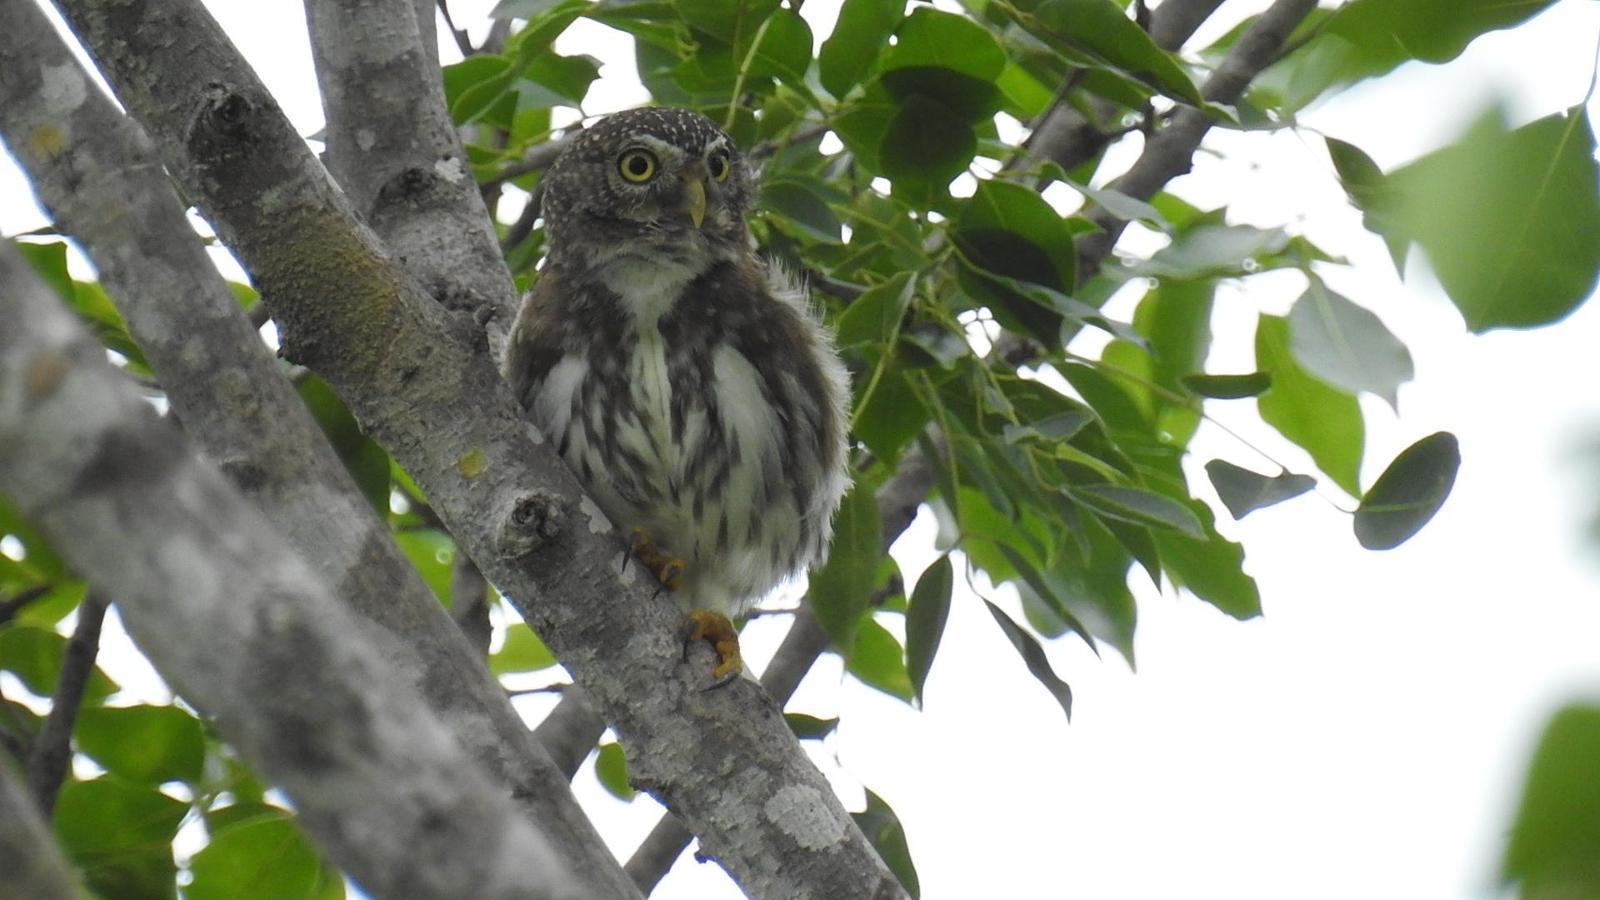 Ferruginous Pygmy-Owl Photo by Julio Delgado